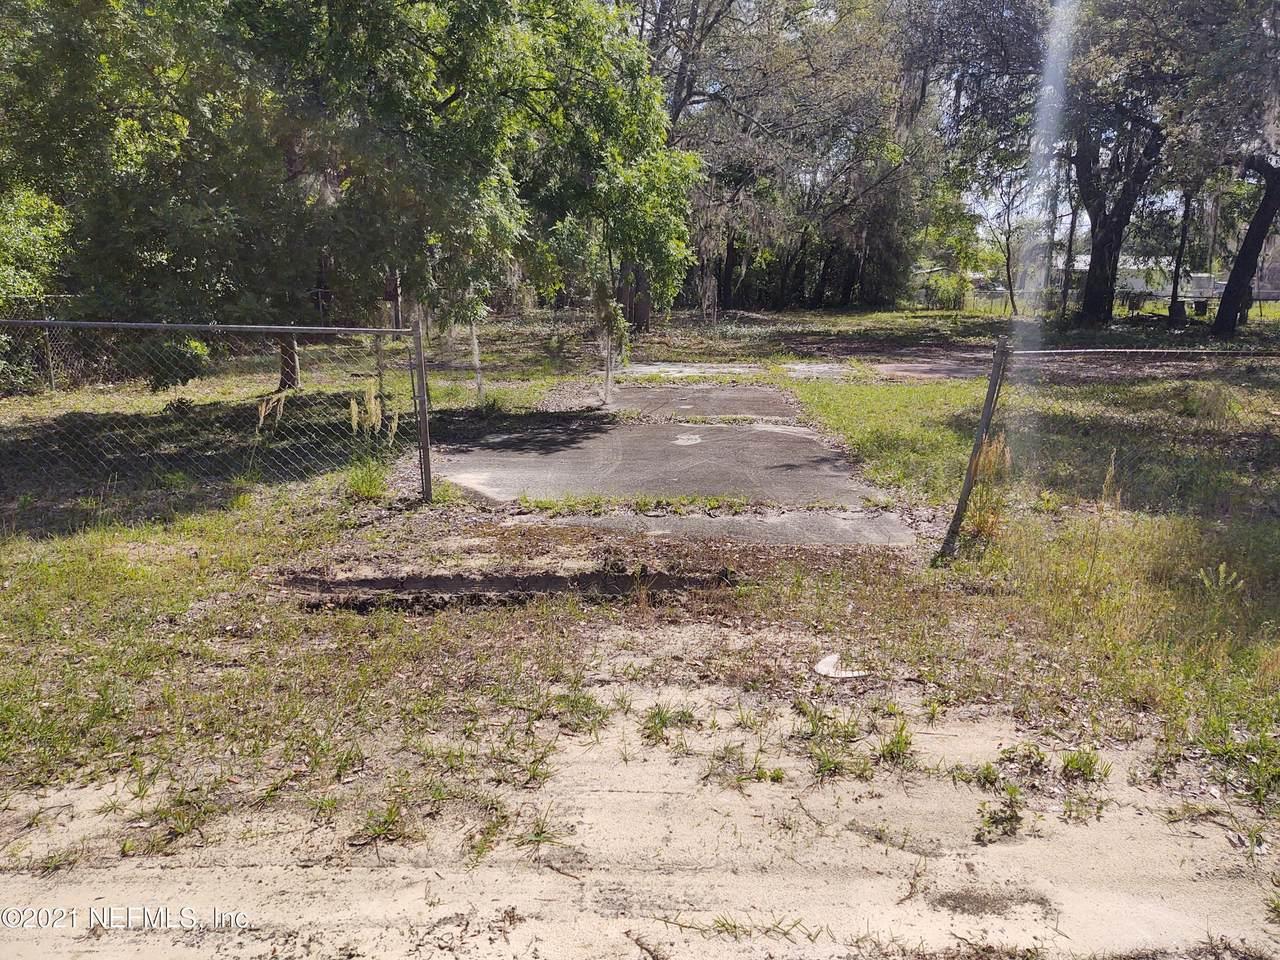 106 Delaware Ave - Photo 1